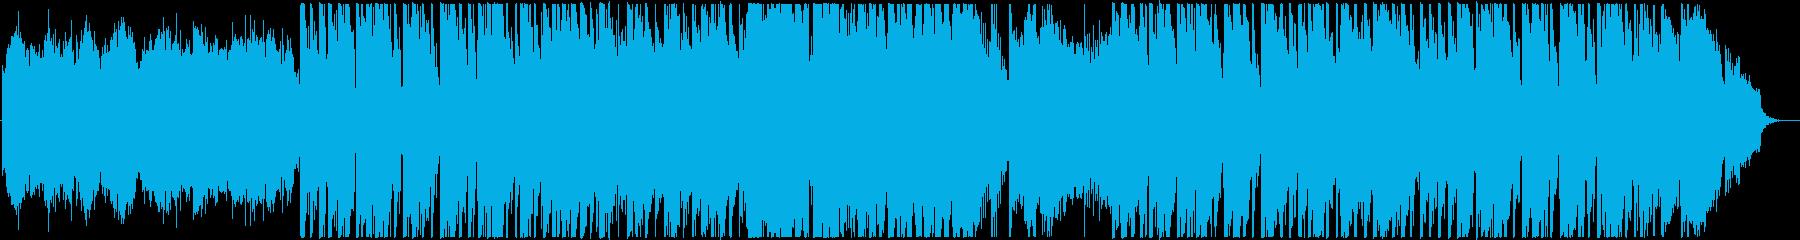 桜をイメージした切ない曲v2 typeBの再生済みの波形